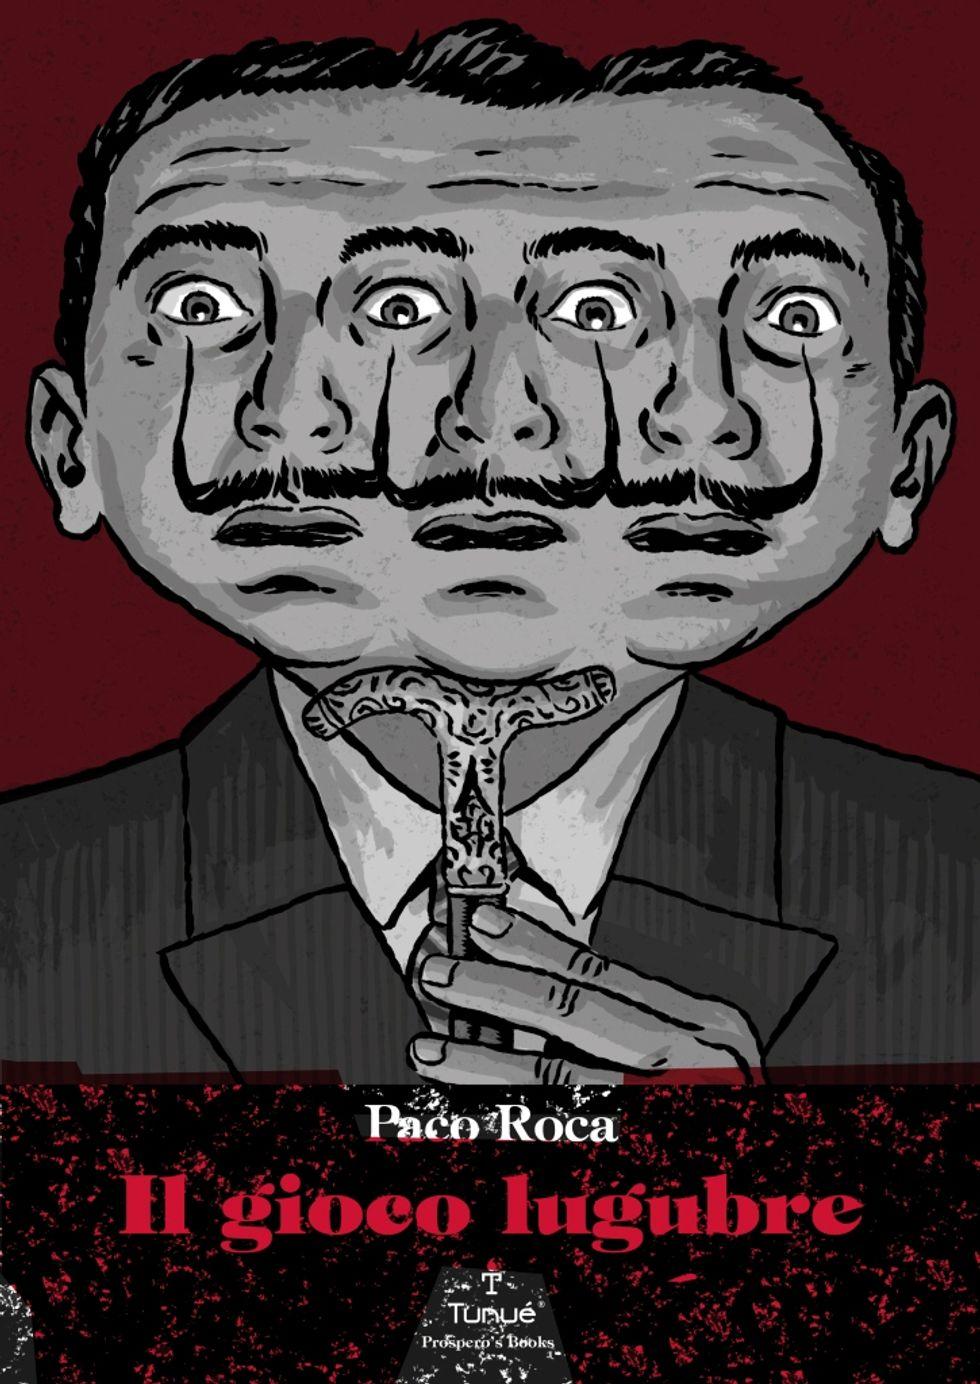 Fumetti: Salvador Dalì proibito